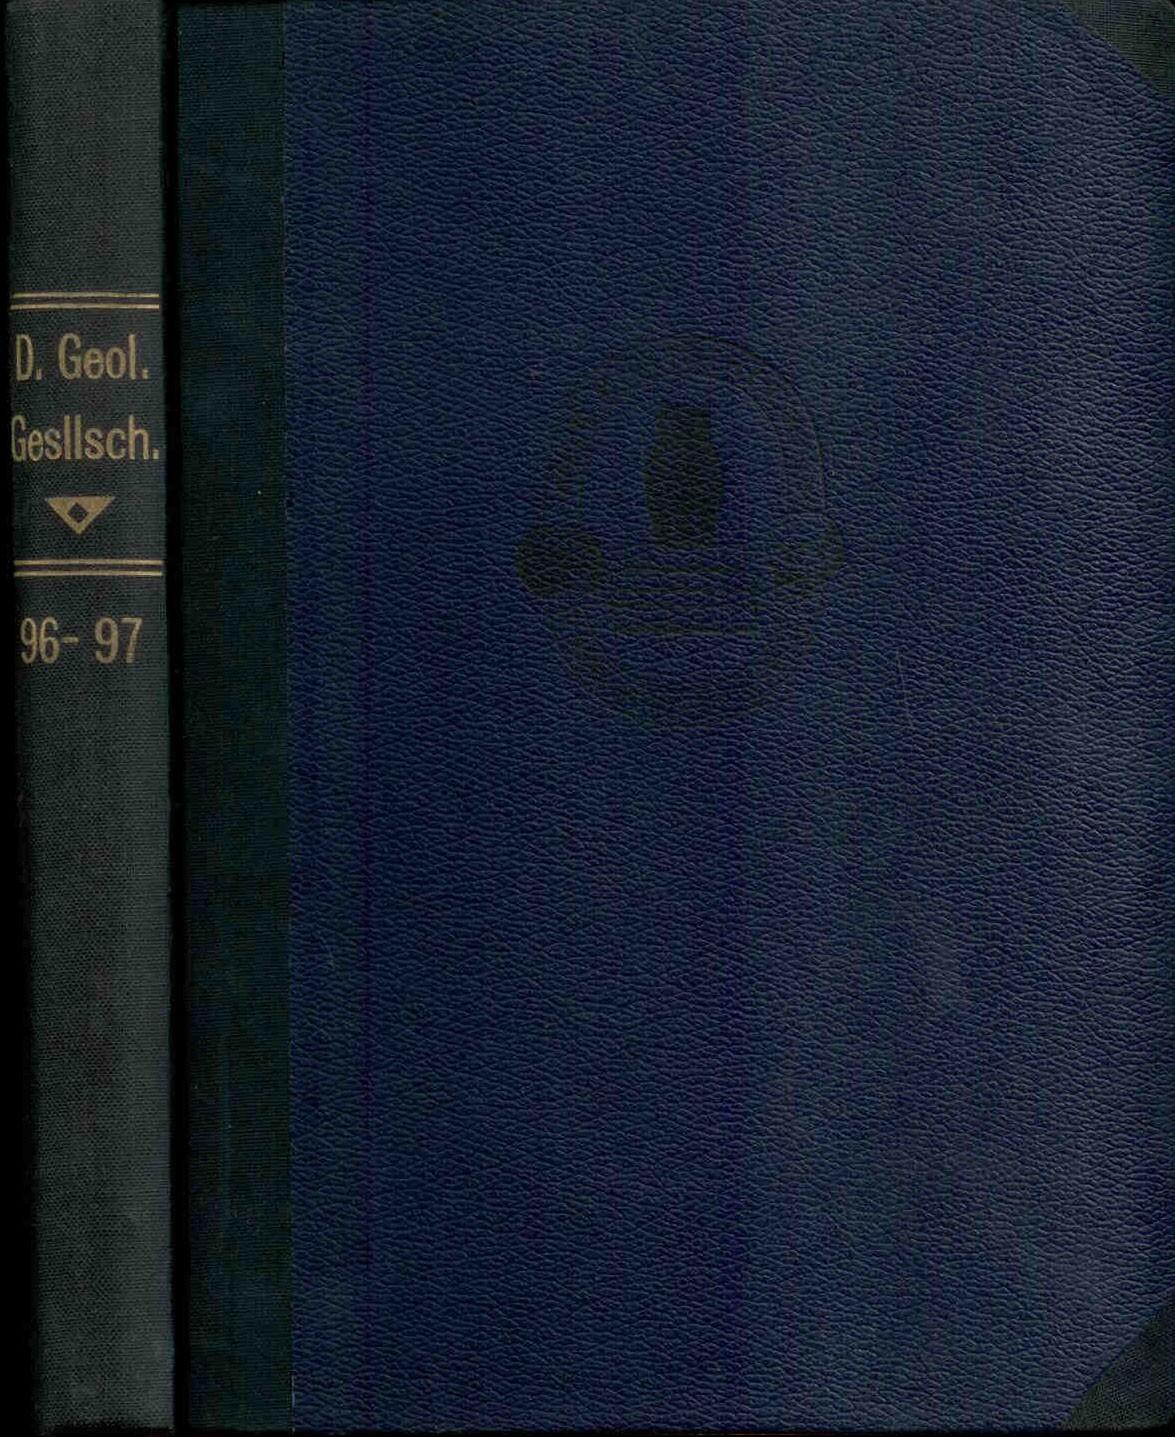 Zeitschrift der Deutschen Geologischen Gesellschaft.:Zeitschrift der Deutschen Geologischen Gesellschaft. Band 96+97,